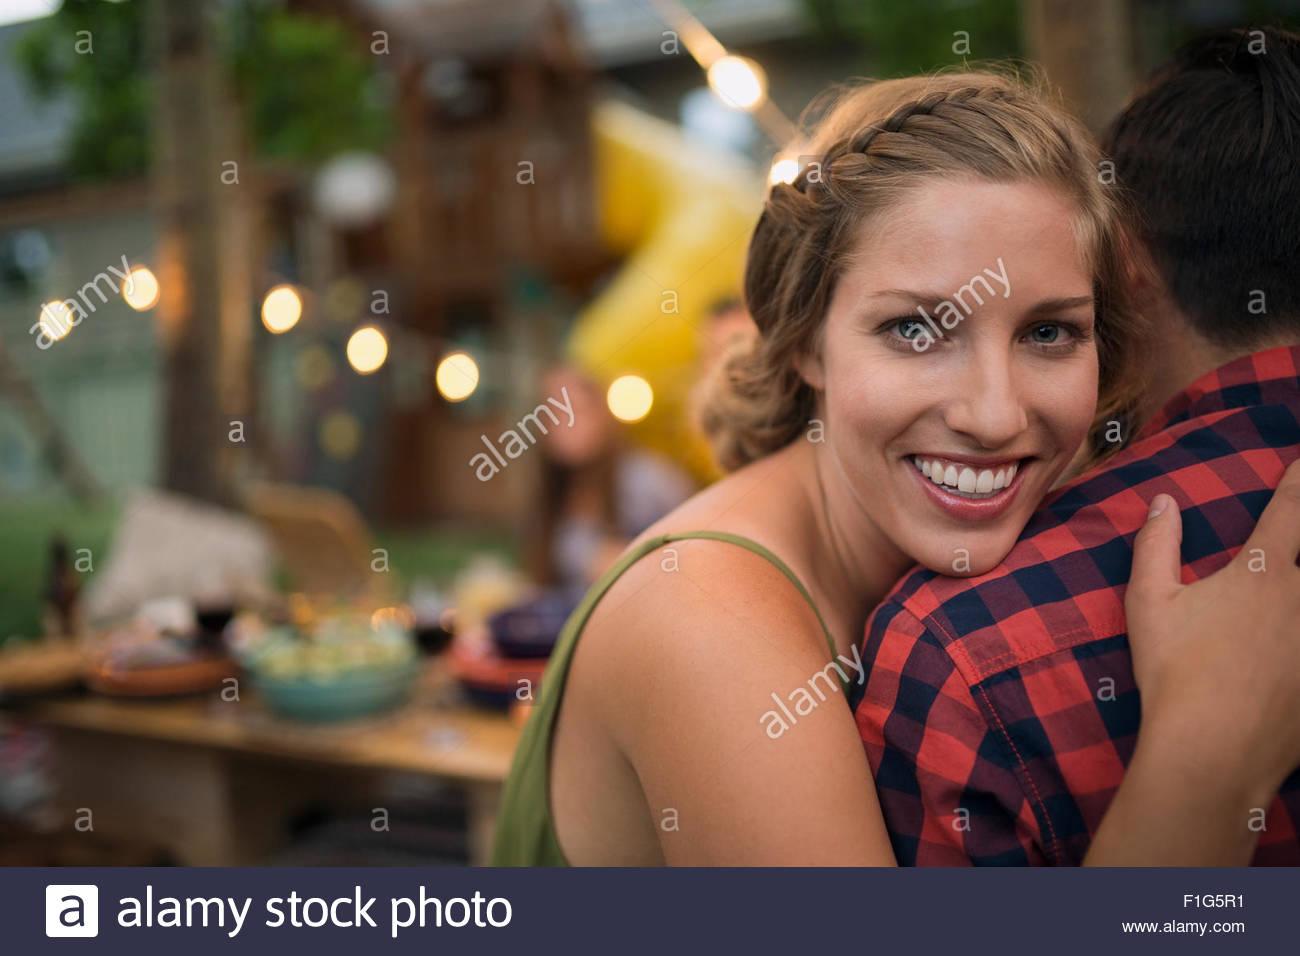 Ritratto sorridente ragazza abbracciando il fidanzato Immagini Stock